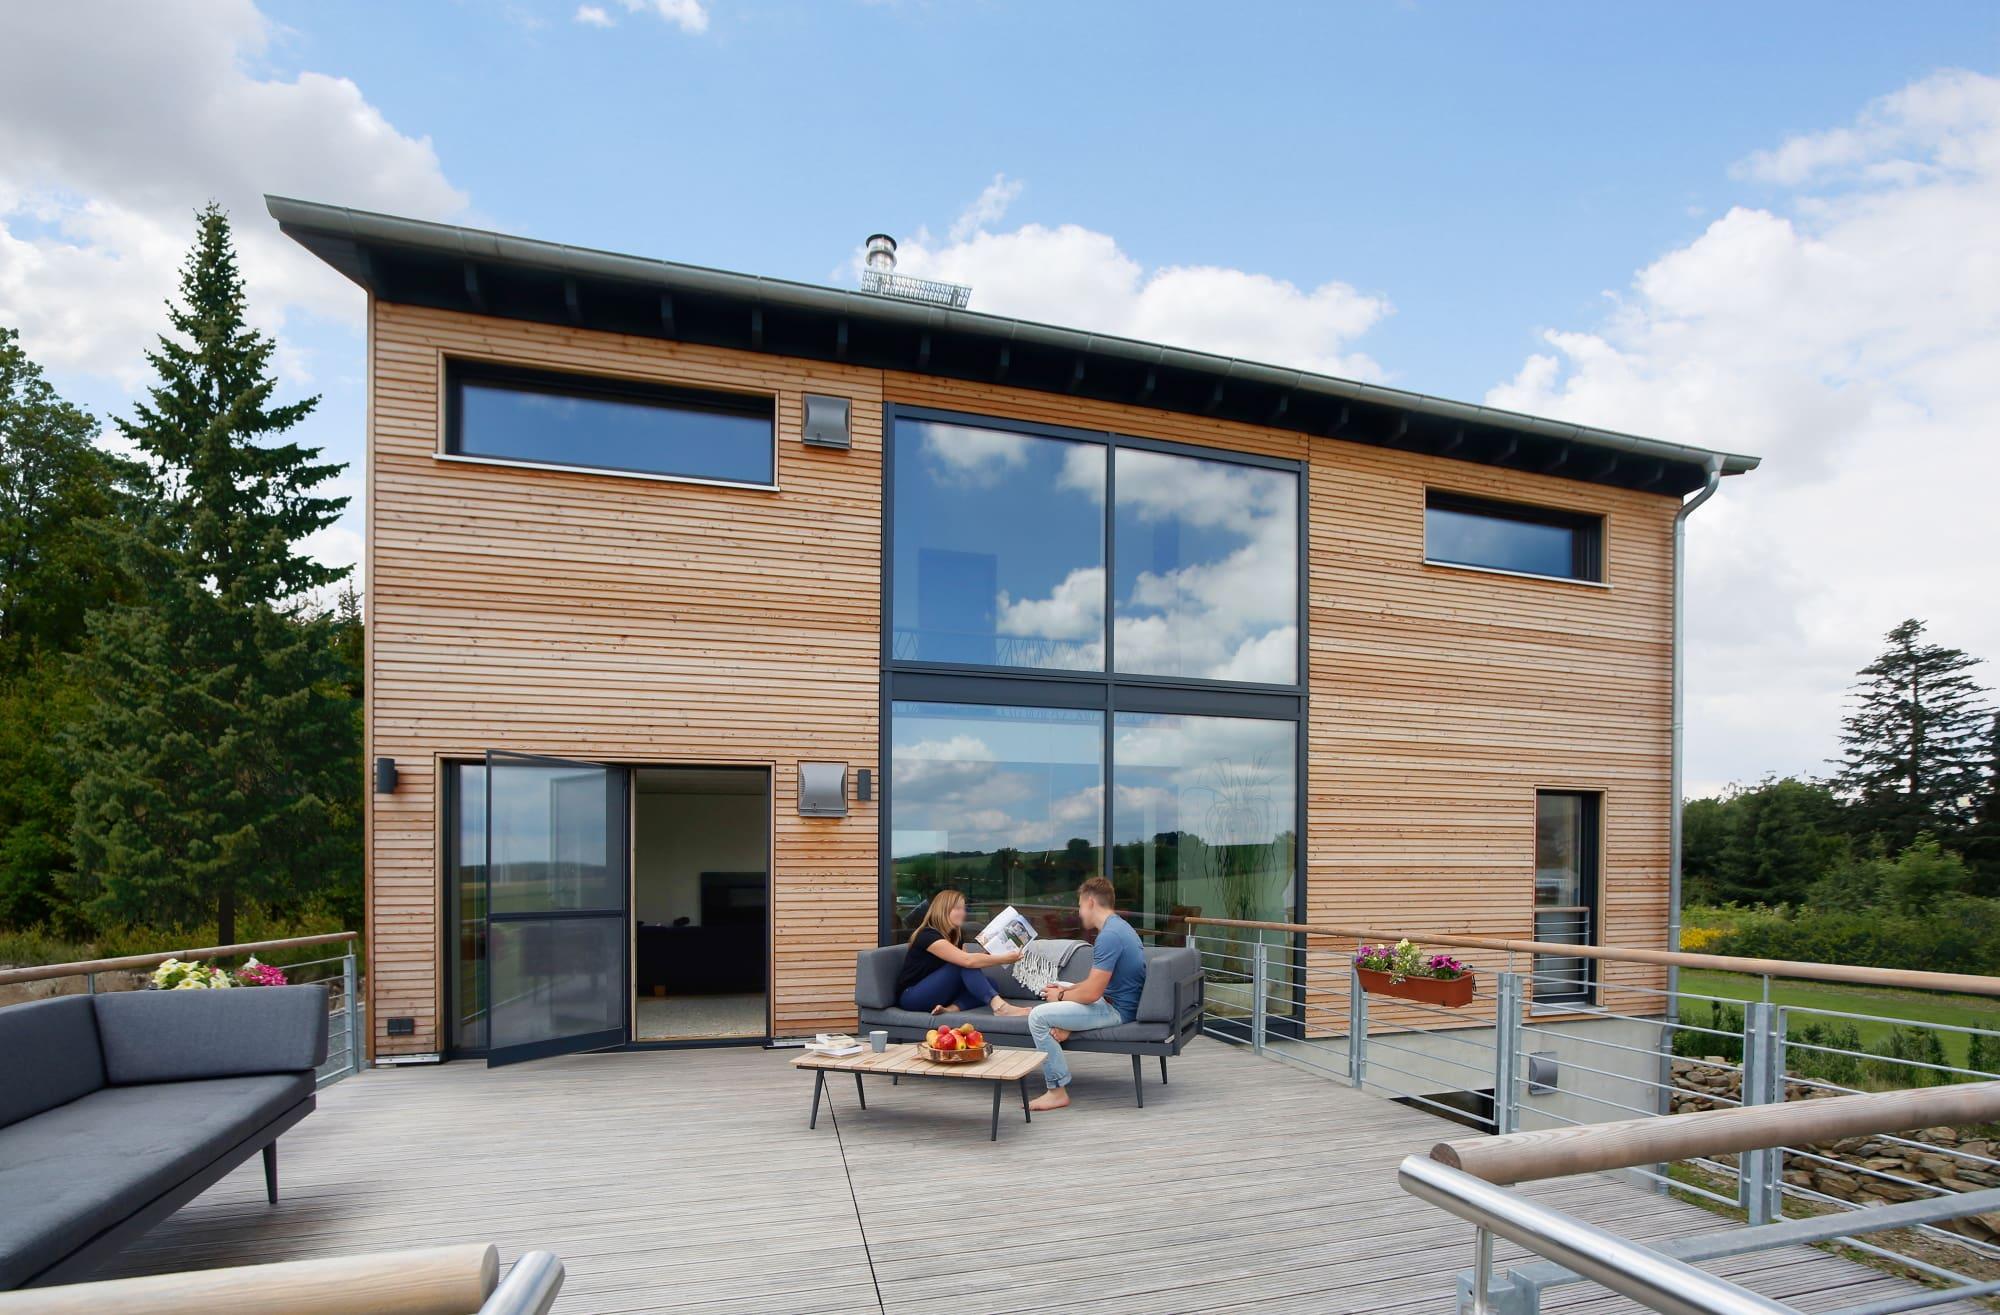 Modernes Holzhaus mit Galerie, Holz Fassade & großer Dachterrasse über Garage - Fertighaus bauen Ideen Baufritz Haus SCHELLENBERG - HausbauDirekt.de